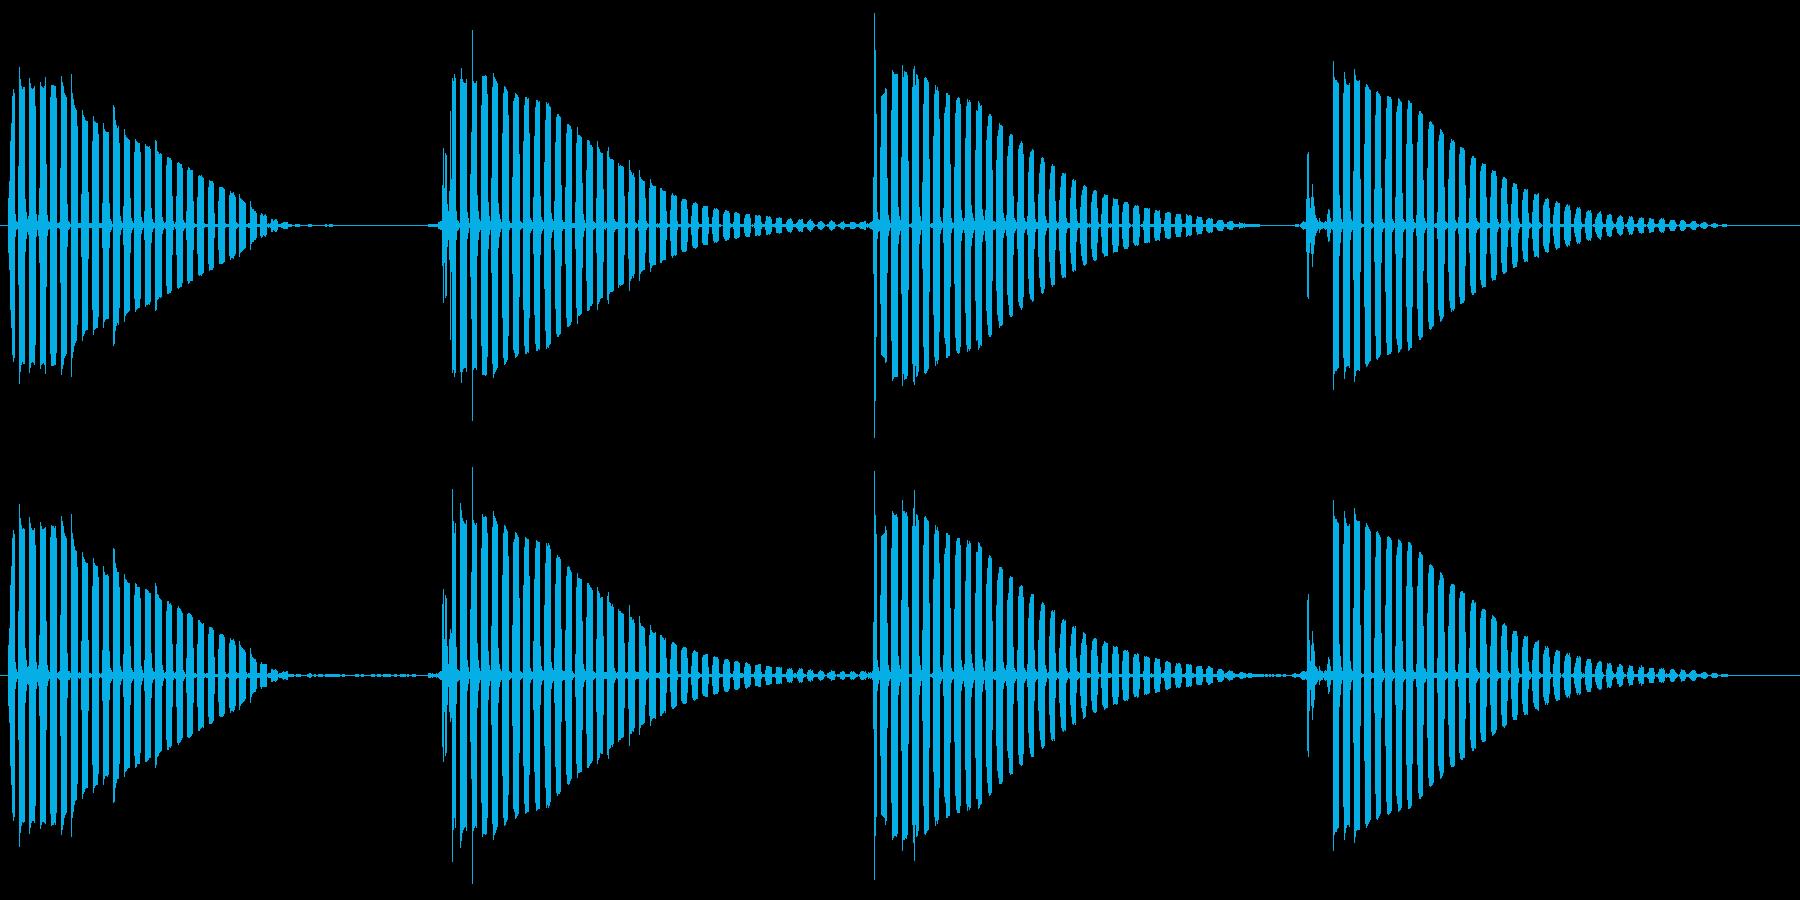 ビョビョ〜ンビチョンと跳ねるカエルの音の再生済みの波形